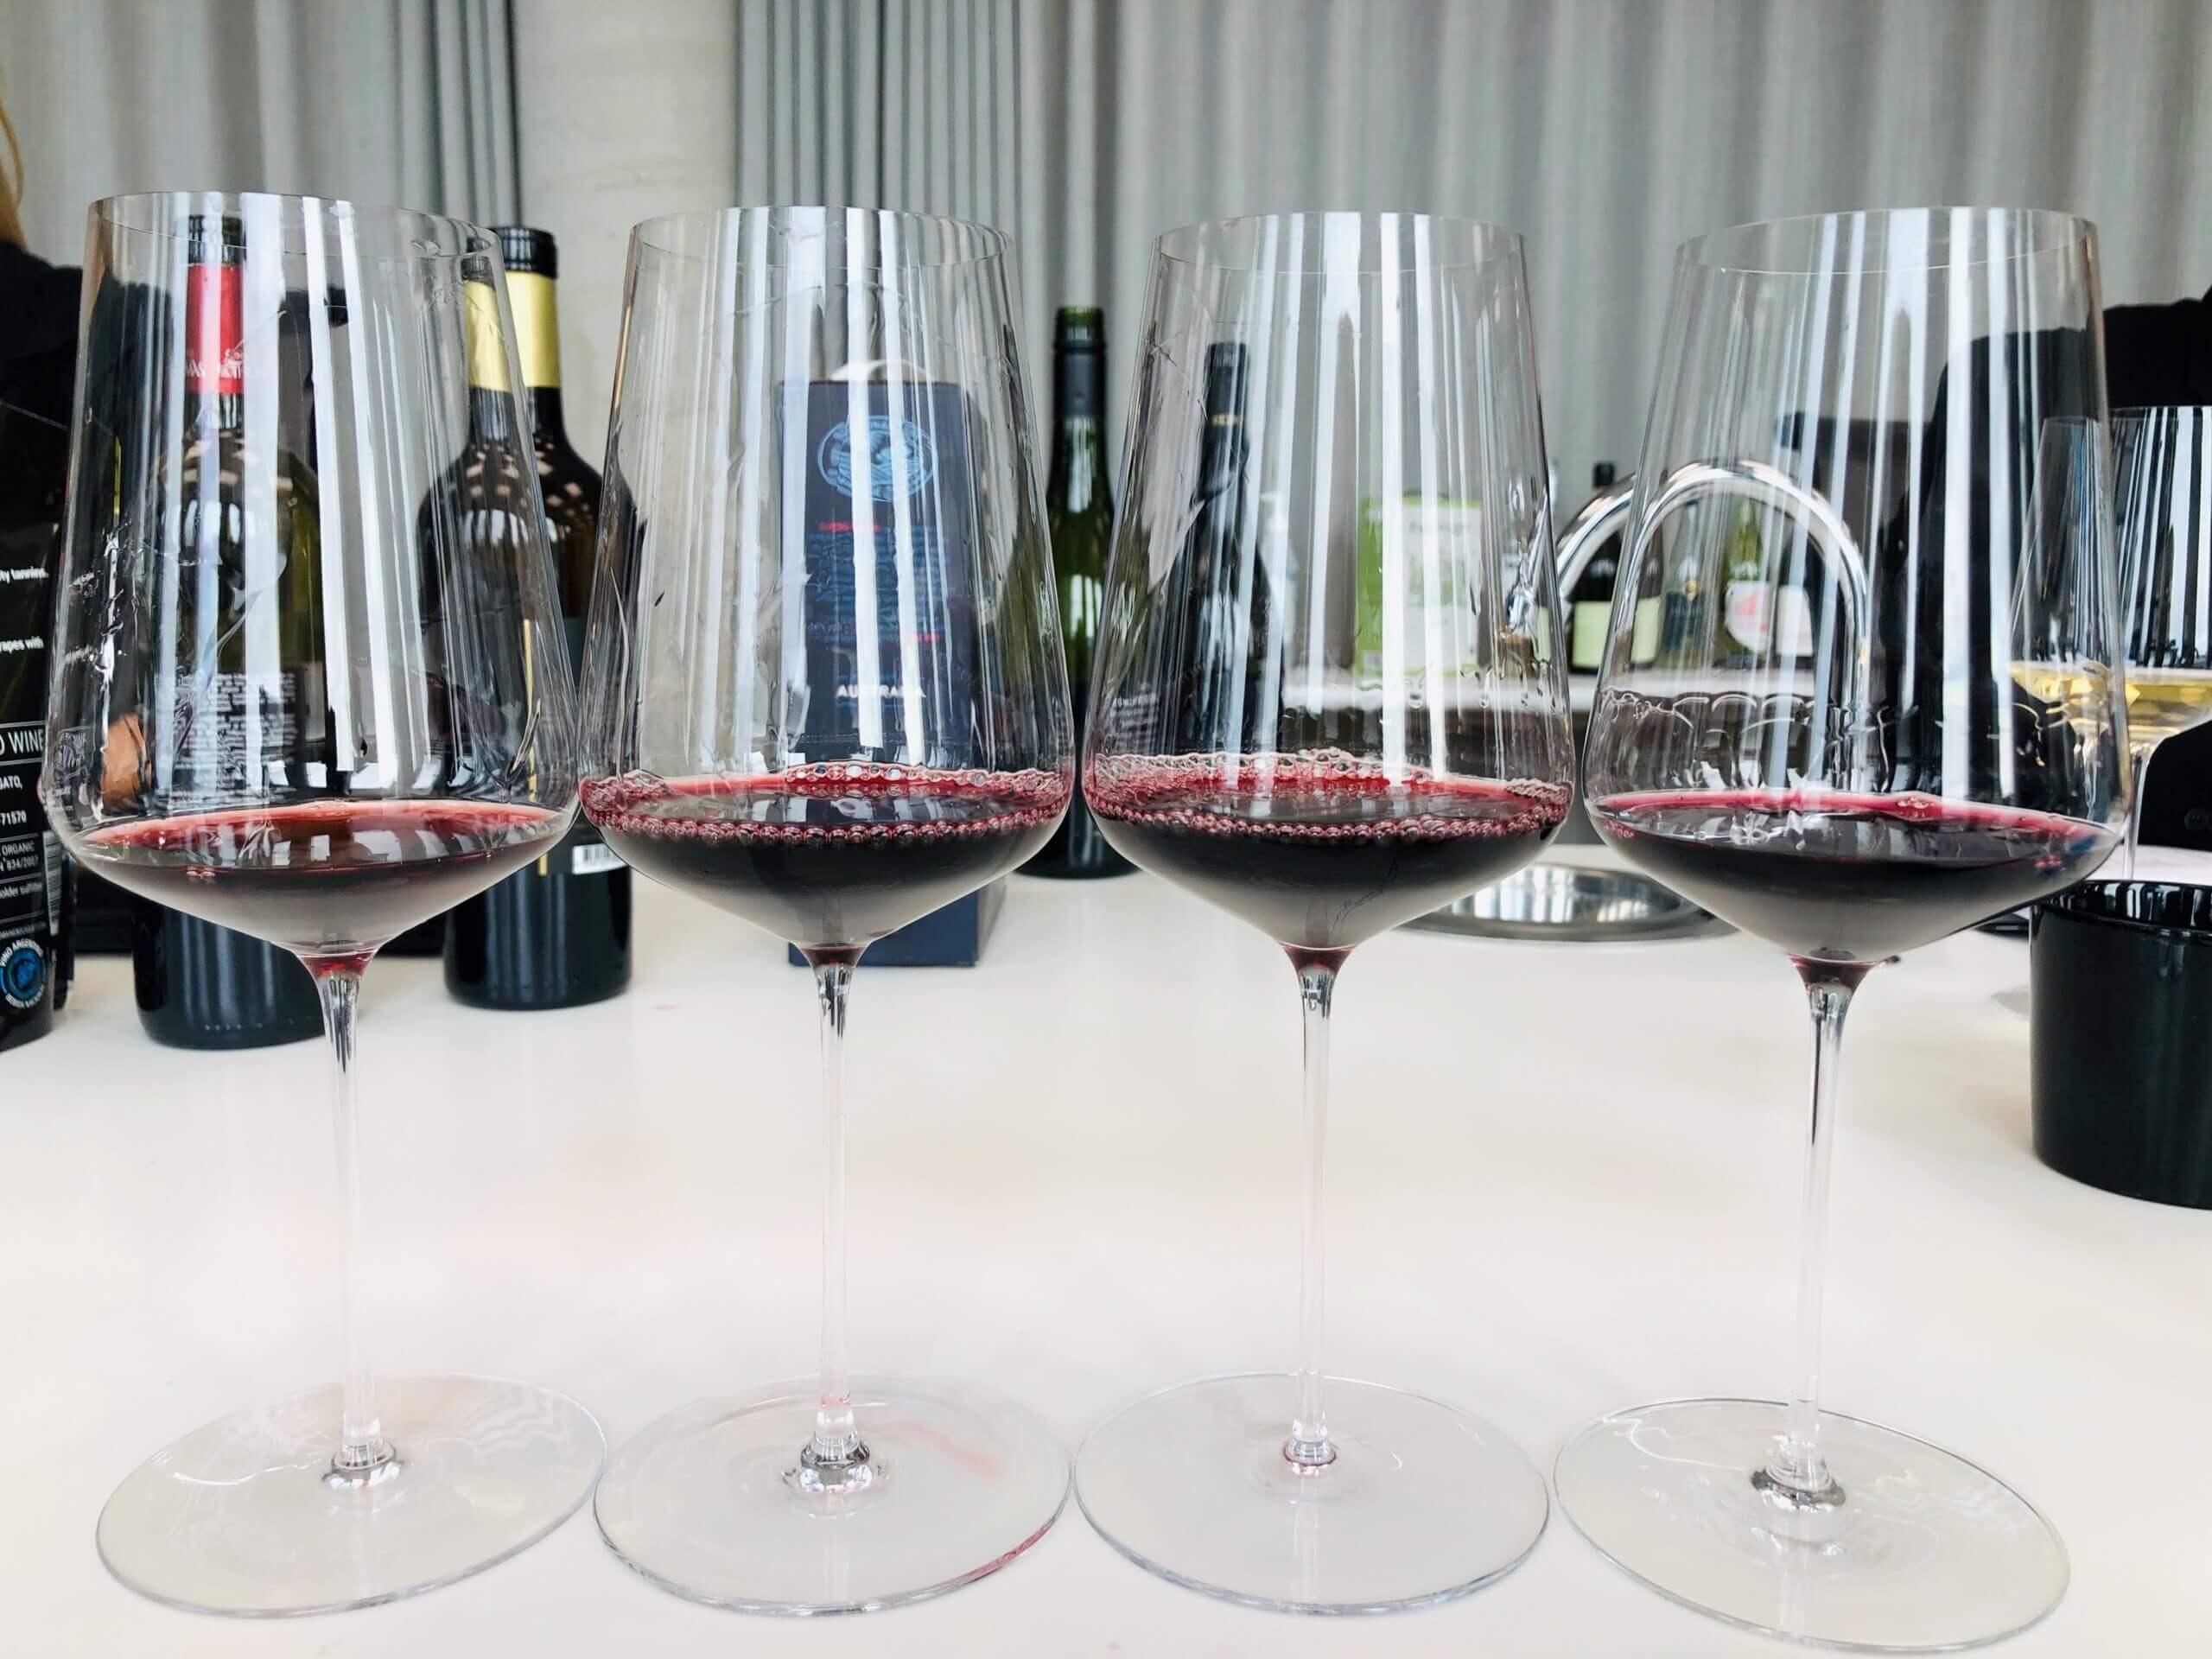 Det er flere nye druer som lanseres på septemberslippet hos Vinmonopolet. Ungarn og Danmark er blant landene som får fokus. Men det er da også mye annet. Her omtales 12 viner.